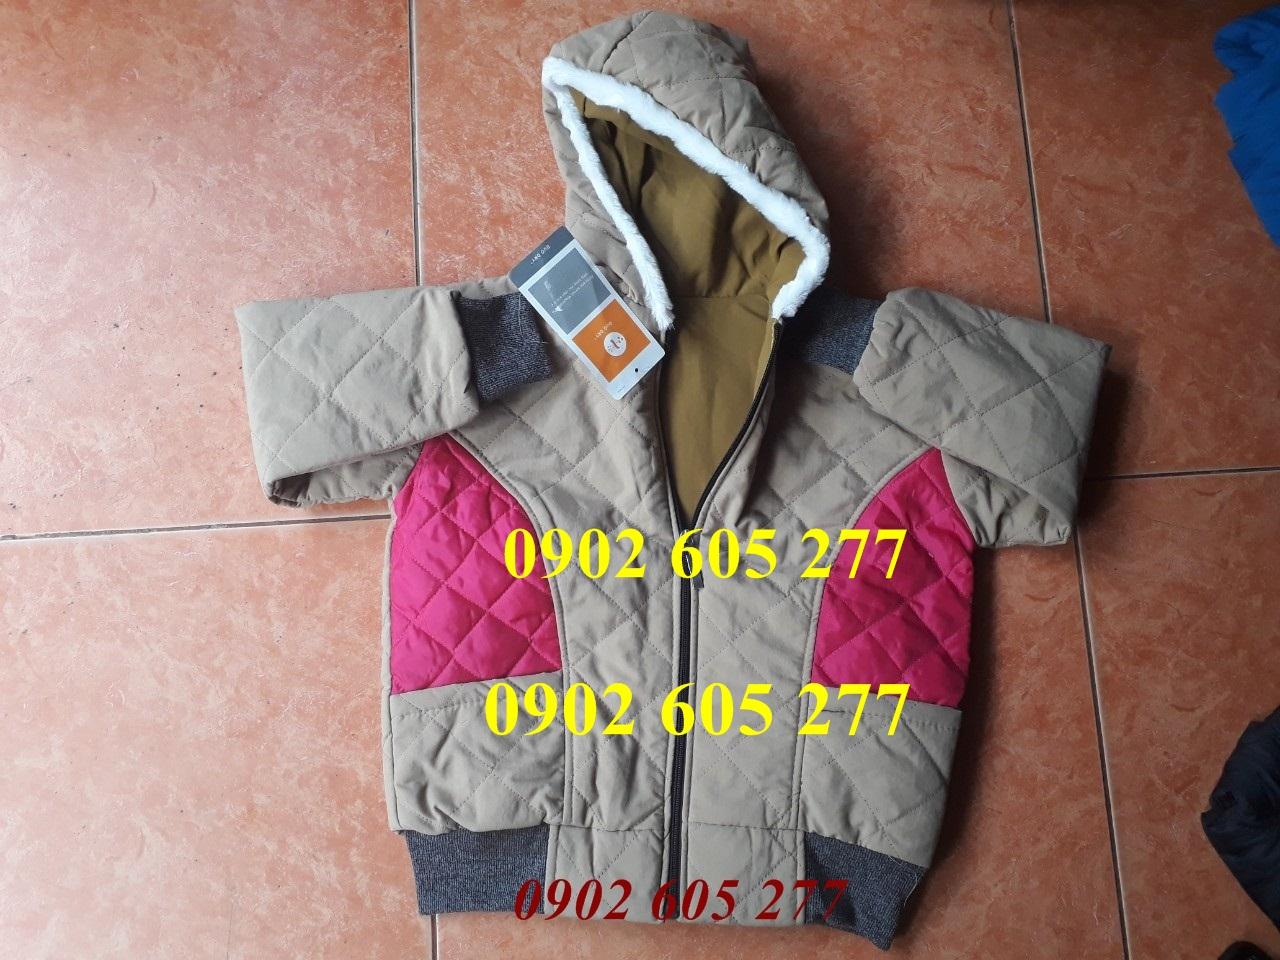 Mua áo ấm từ thiện cho trẻ em vùng núi